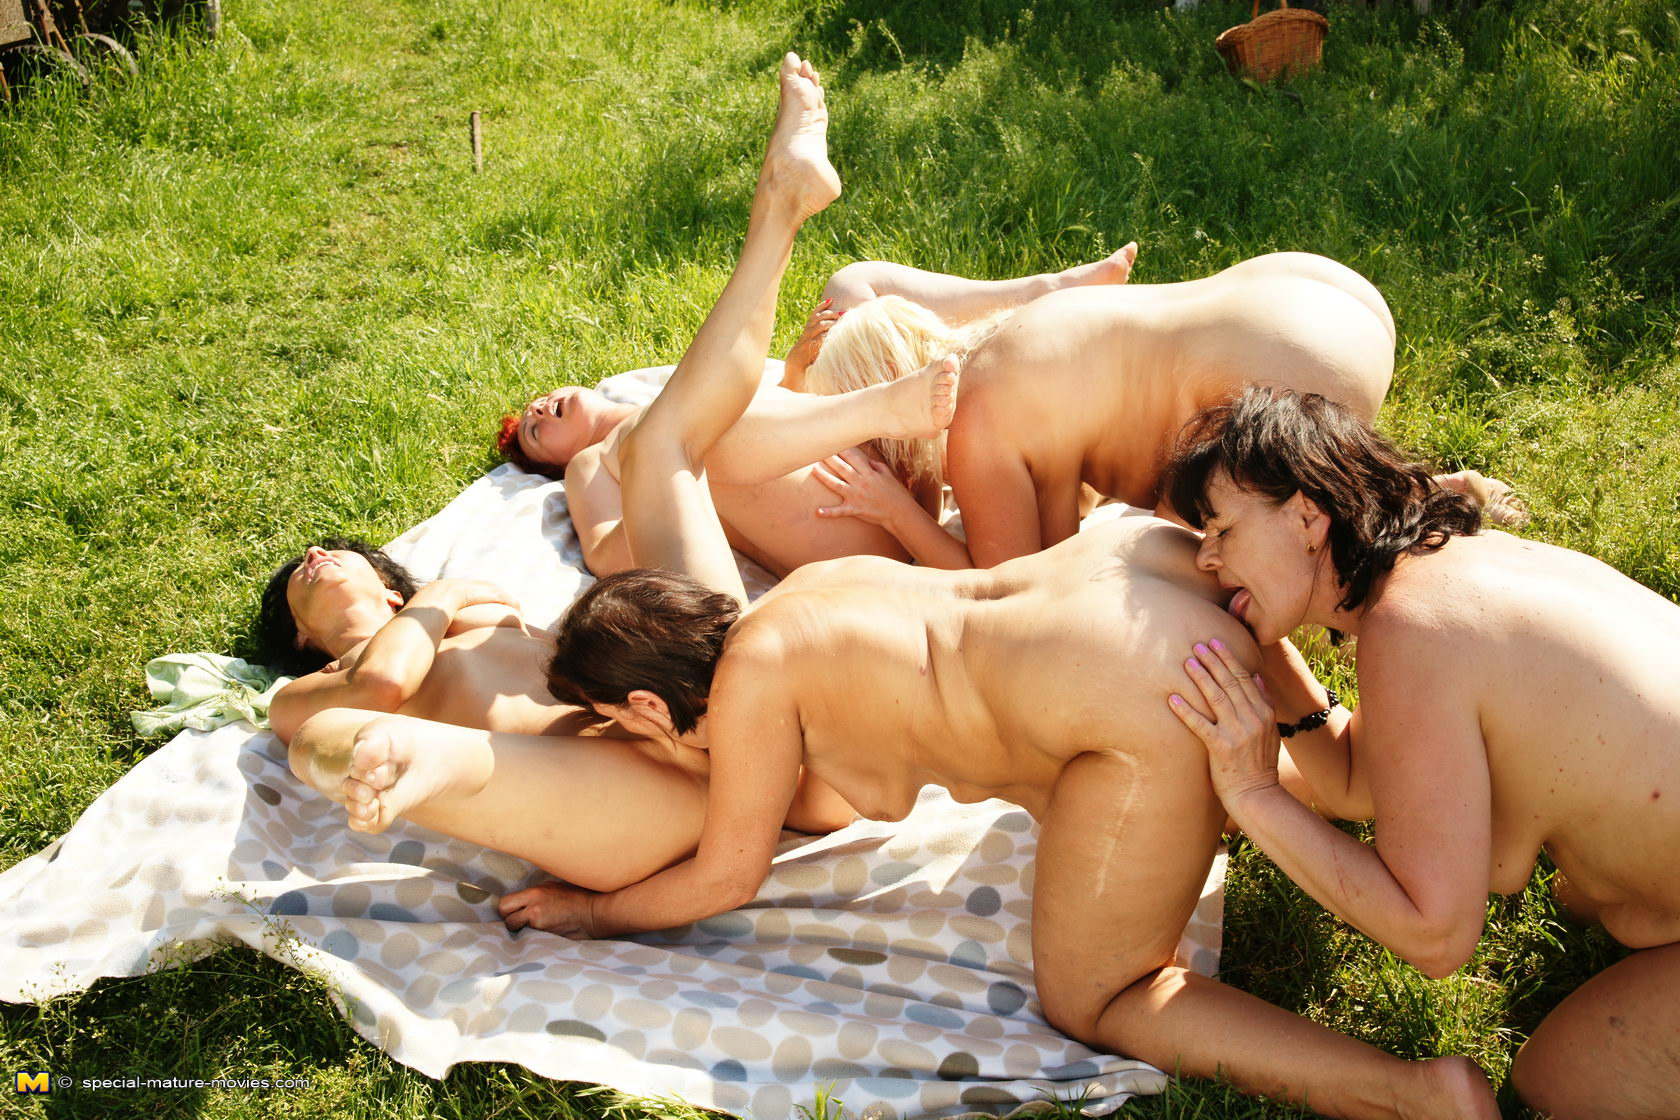 колхозный бисекс фото